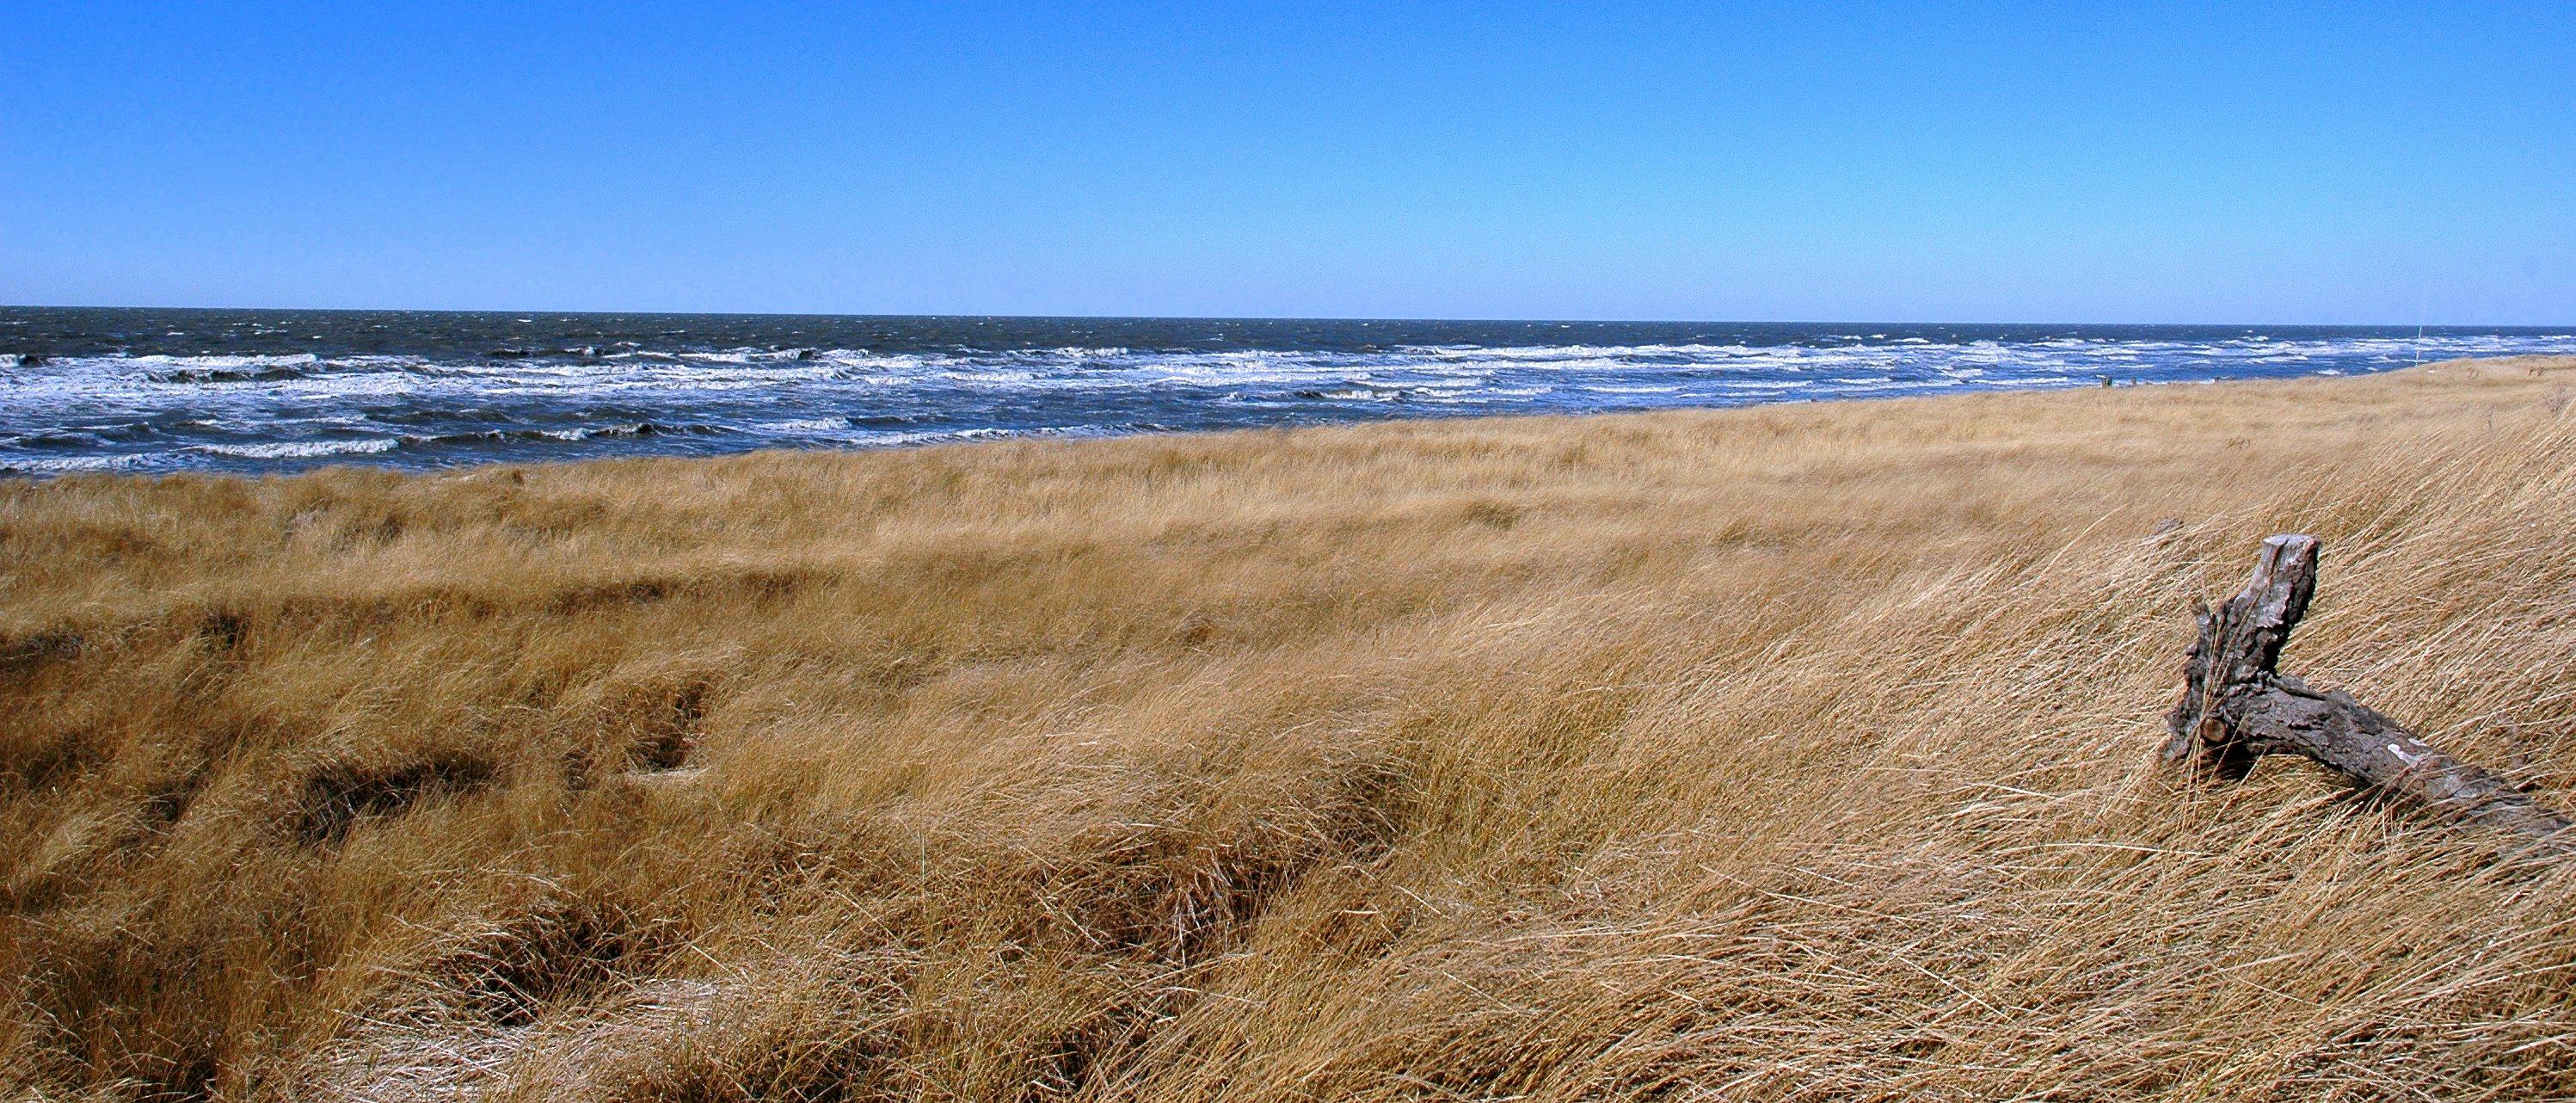 Delaware Bay. David Slack